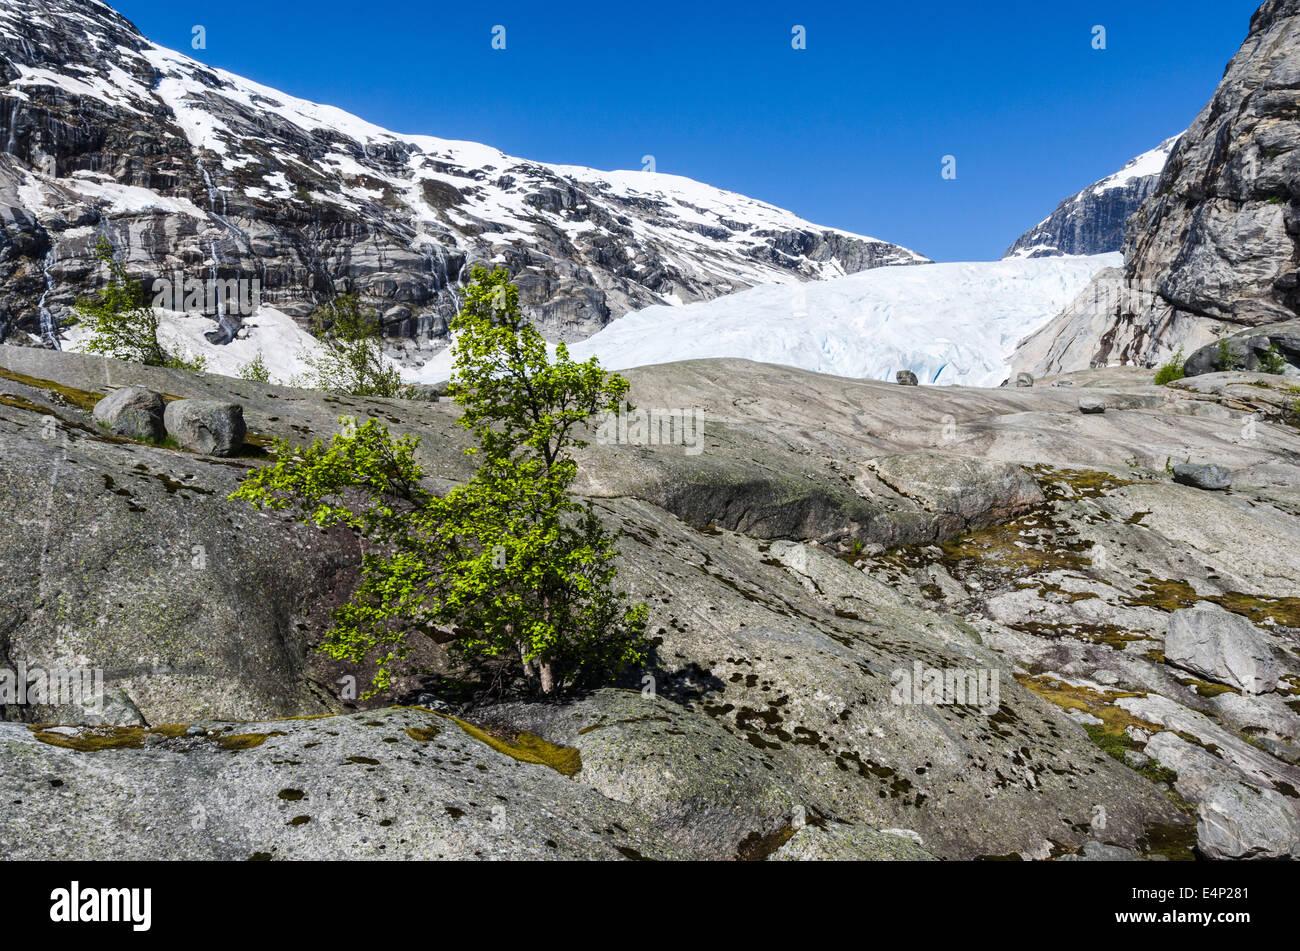 der Gletscher Nigaardsbreen, Jostedalsbreen Nationalpark, Breheimen, Luster, Sogn og Fjordane Fylke, Norwegen, - Stock Image